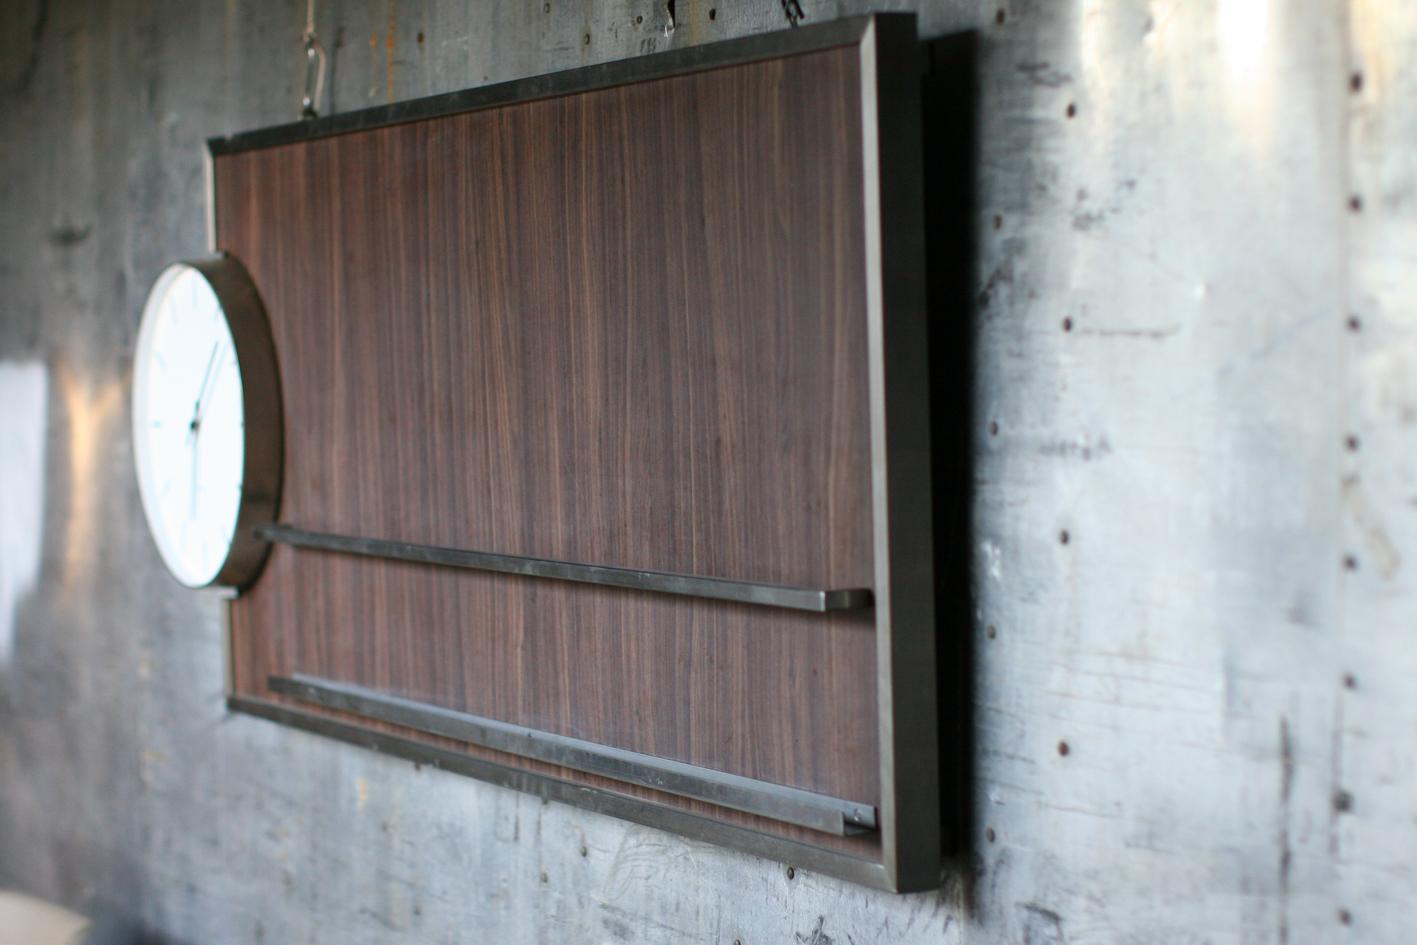 Fonkelnieuw Retro Vintage Klok en Magazinehouder Bijzonder object – Dehuiszwaluw DZ-13